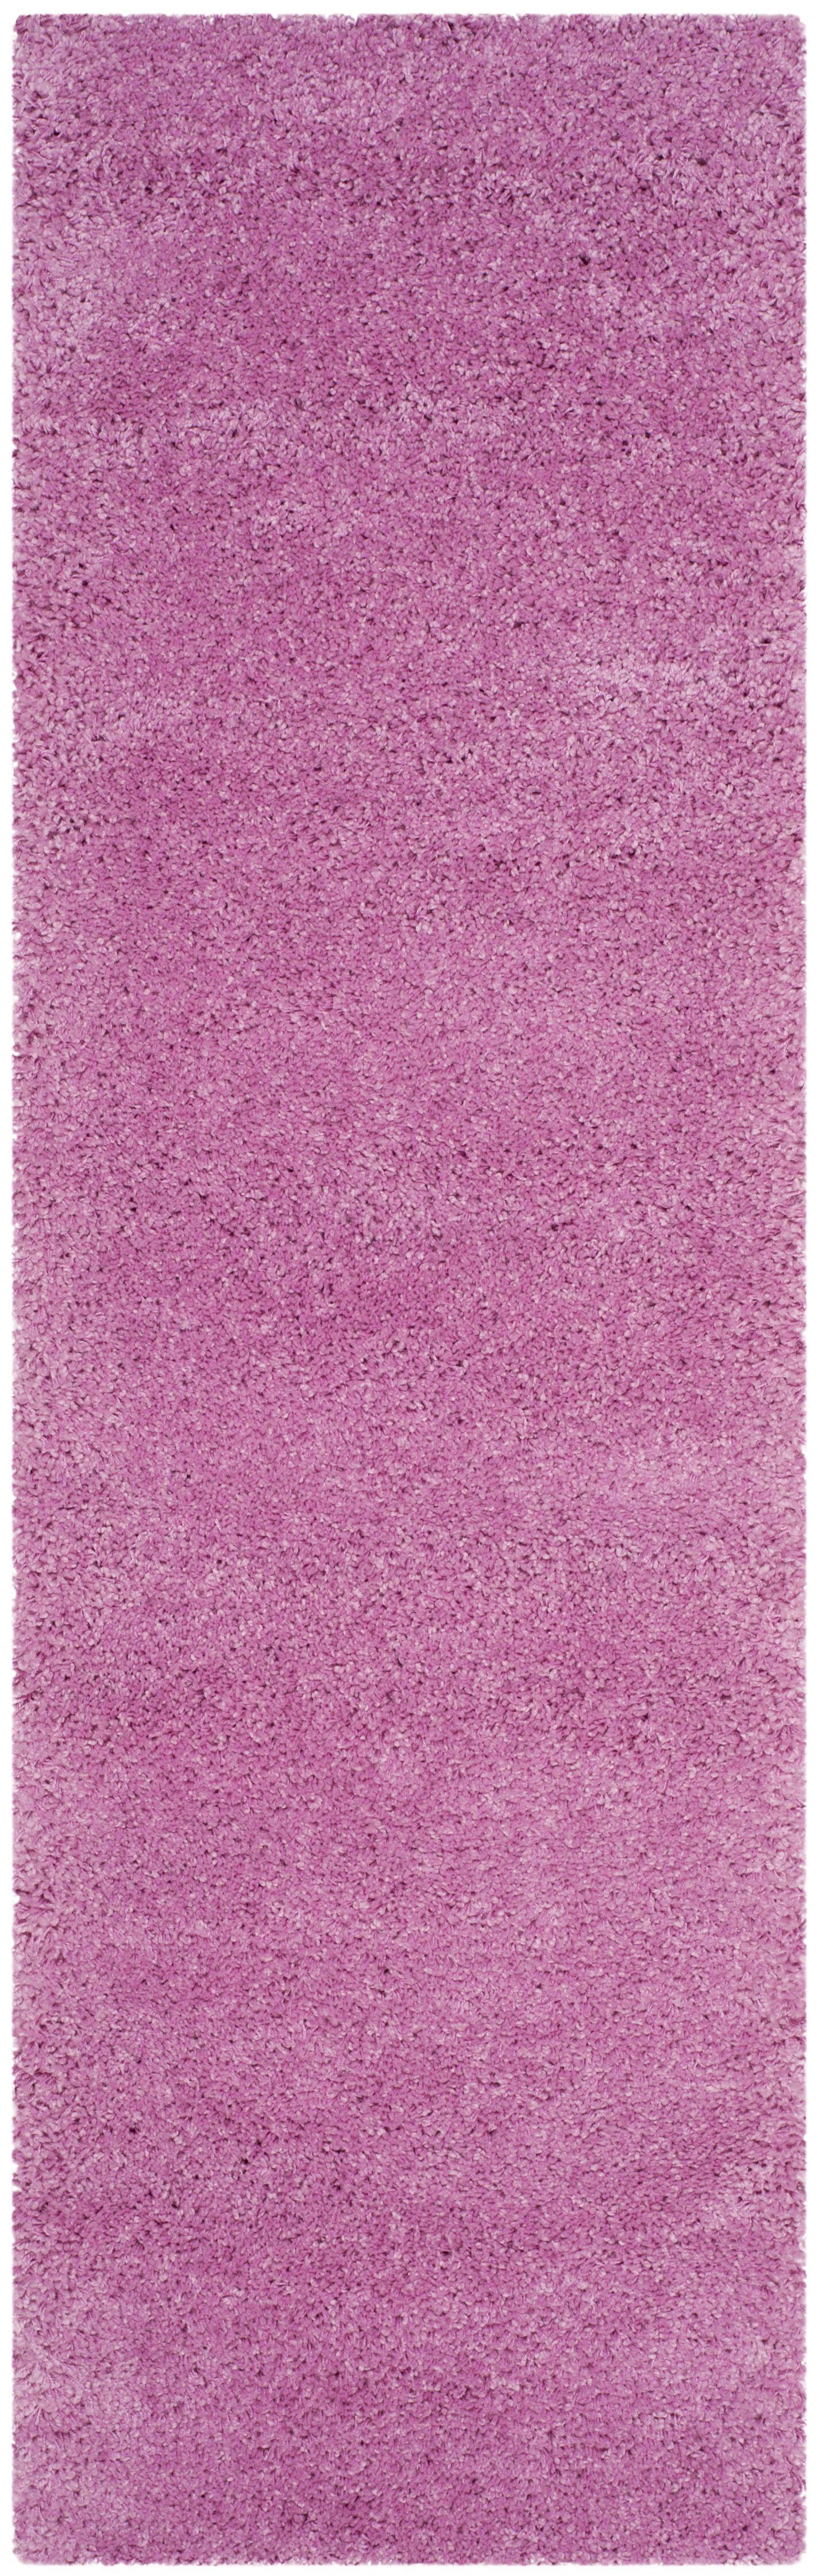 Vandoren Pink Area Rug Rug Size: Runner 2'3